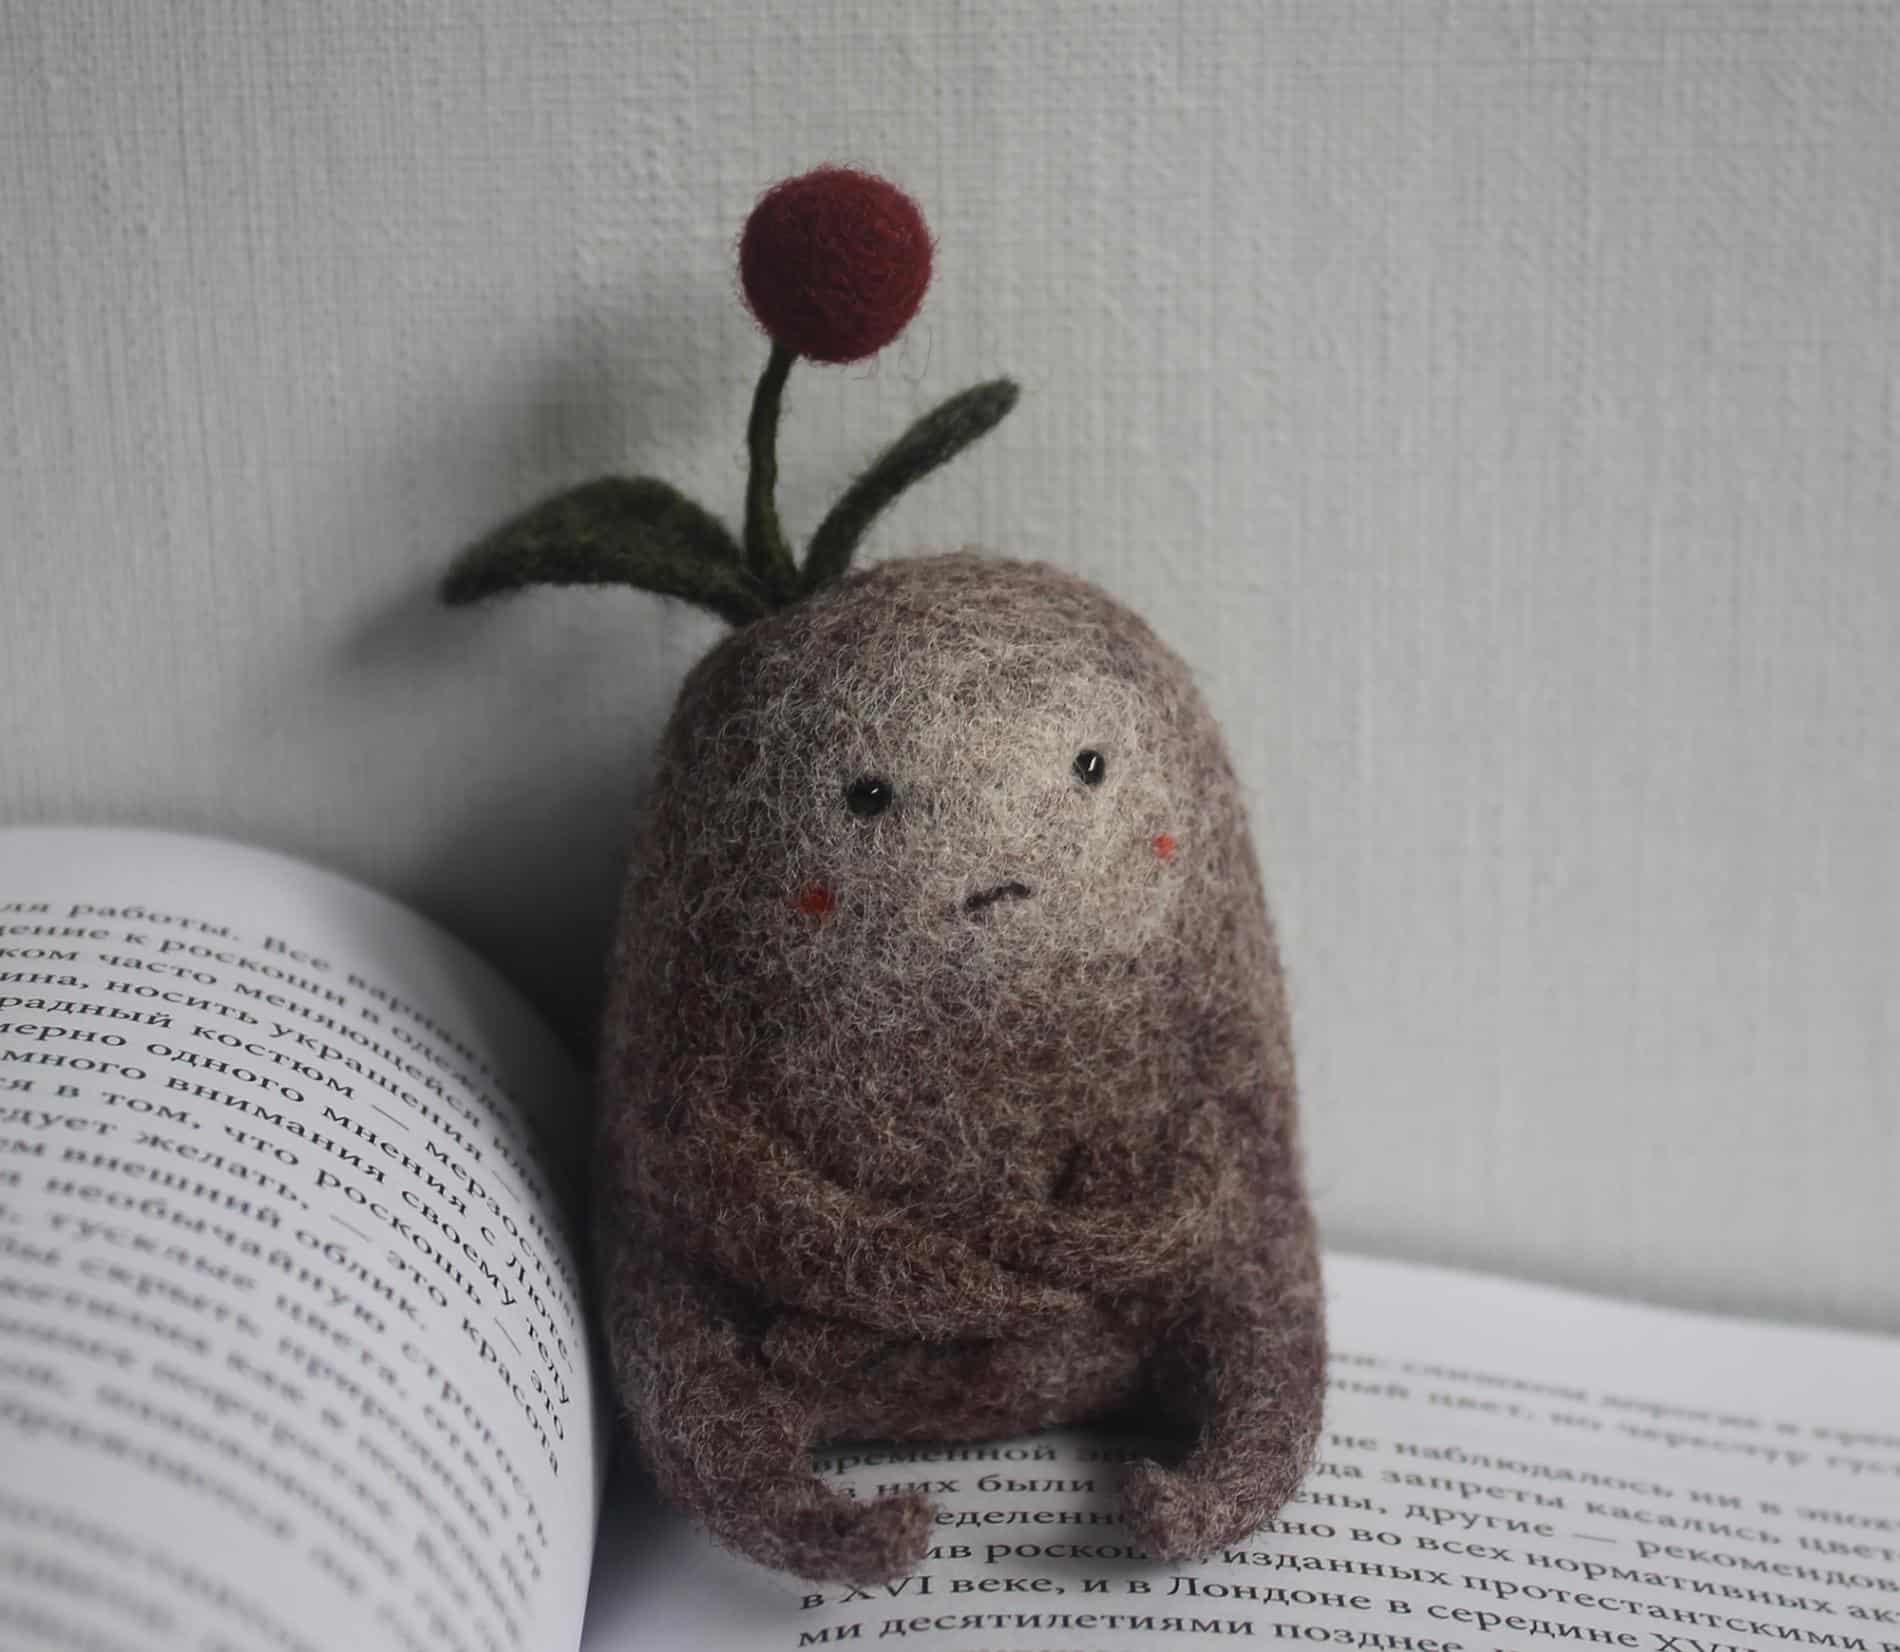 Natasya Shuljak miniaturas aturdido